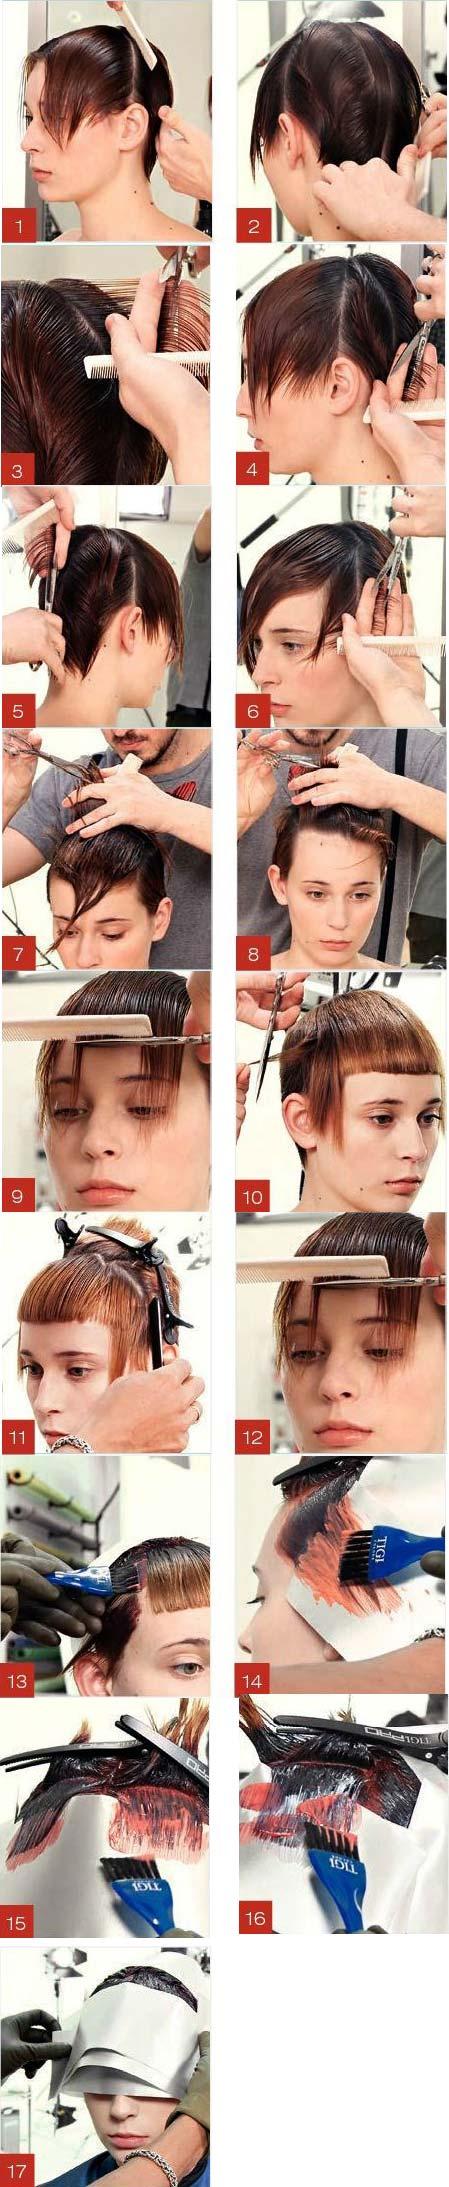 آموزش مدل موی خیلی کوتاه